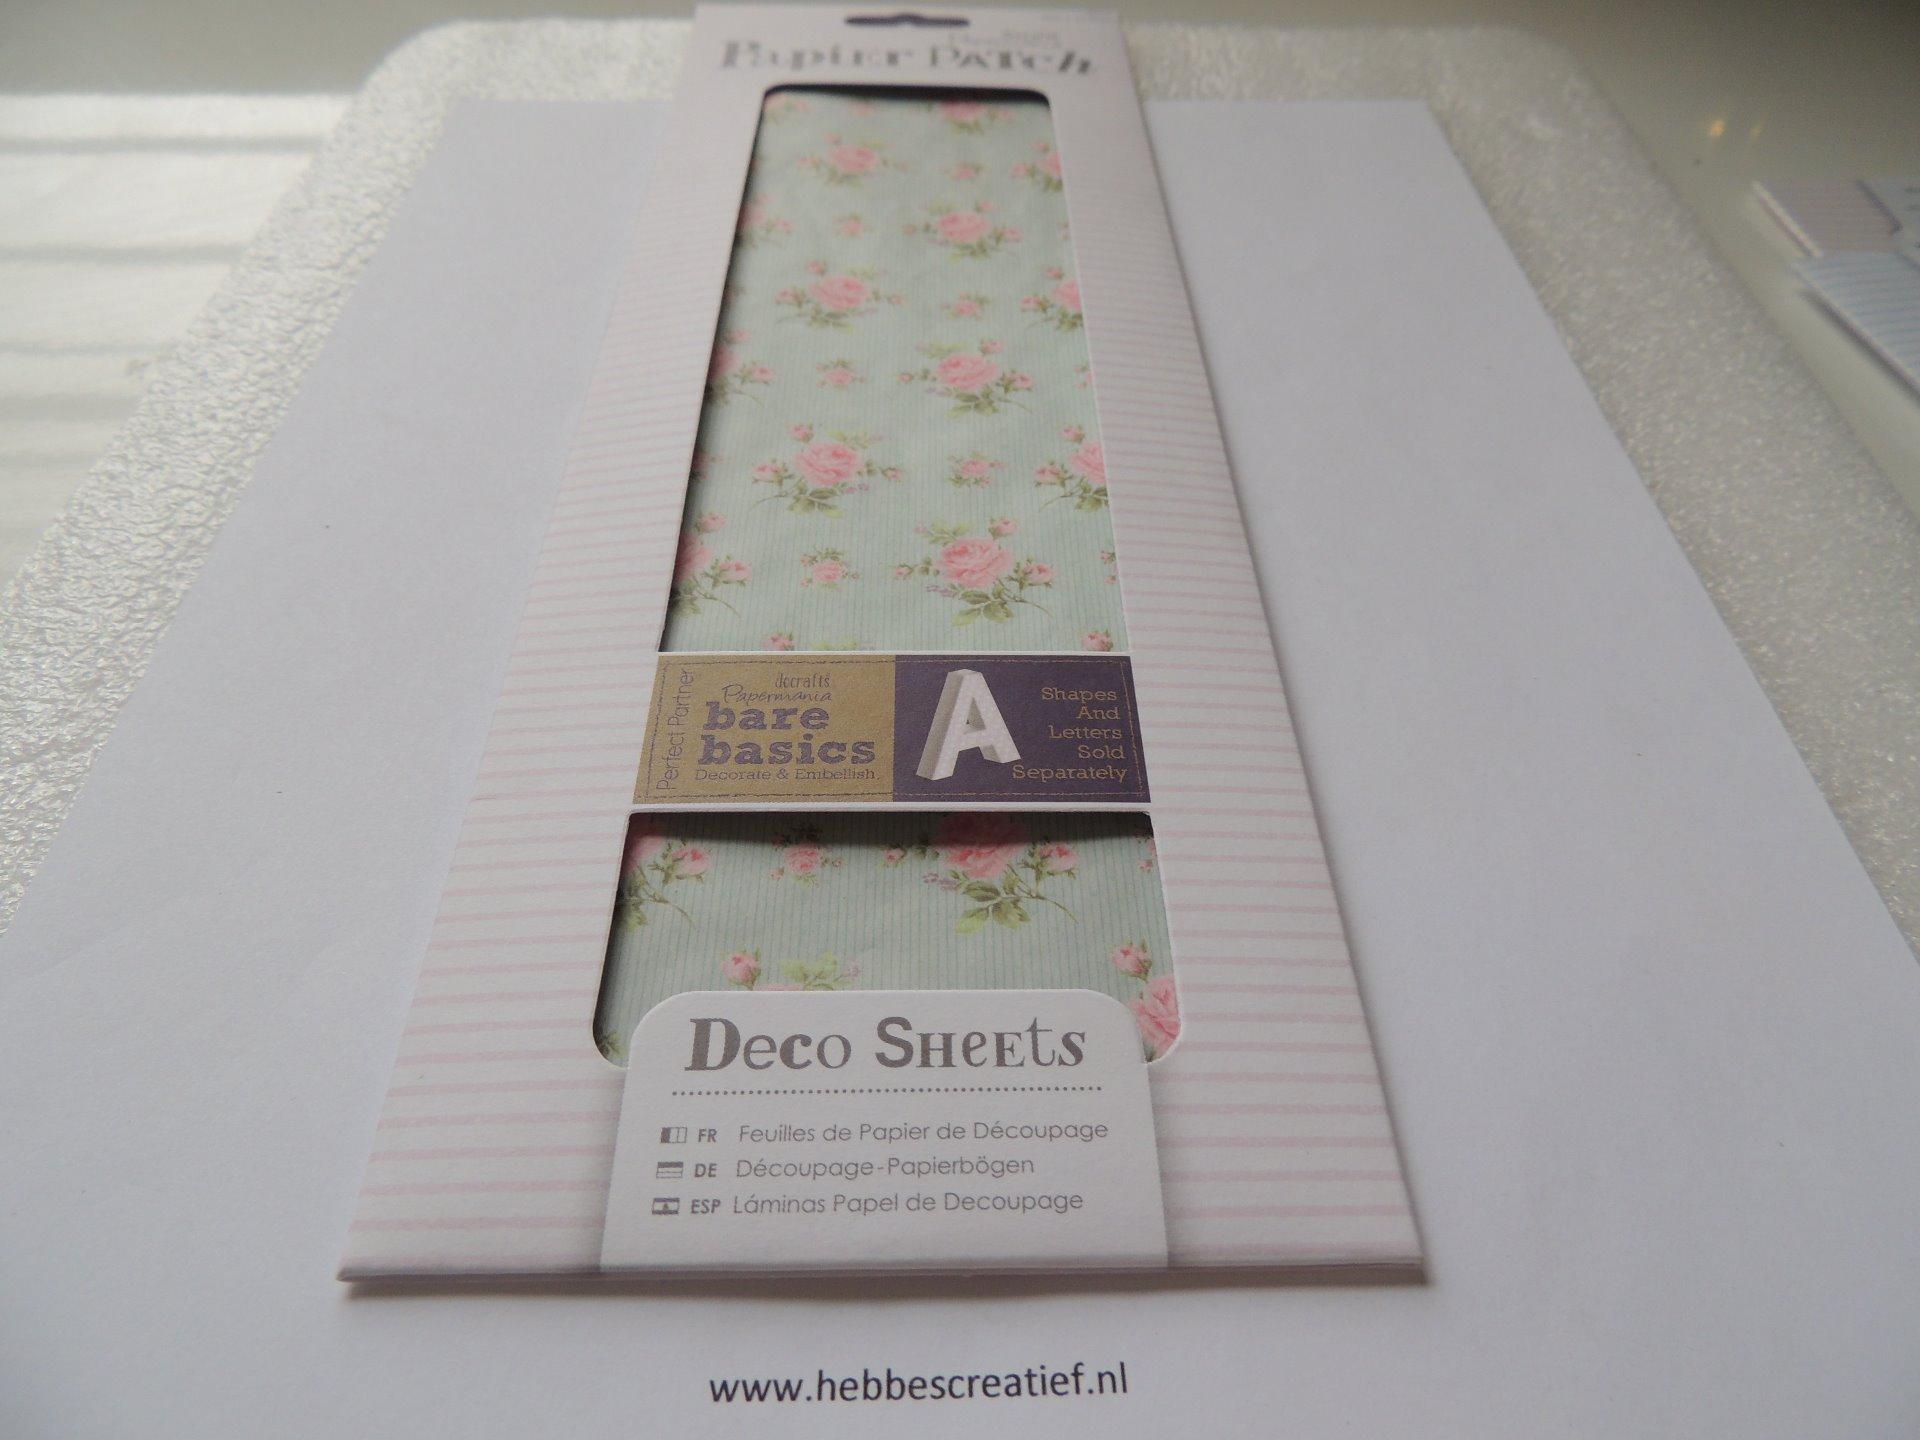 Deco Sheetspapier Patch Pink Rose Hebbes Creatieve Materialen